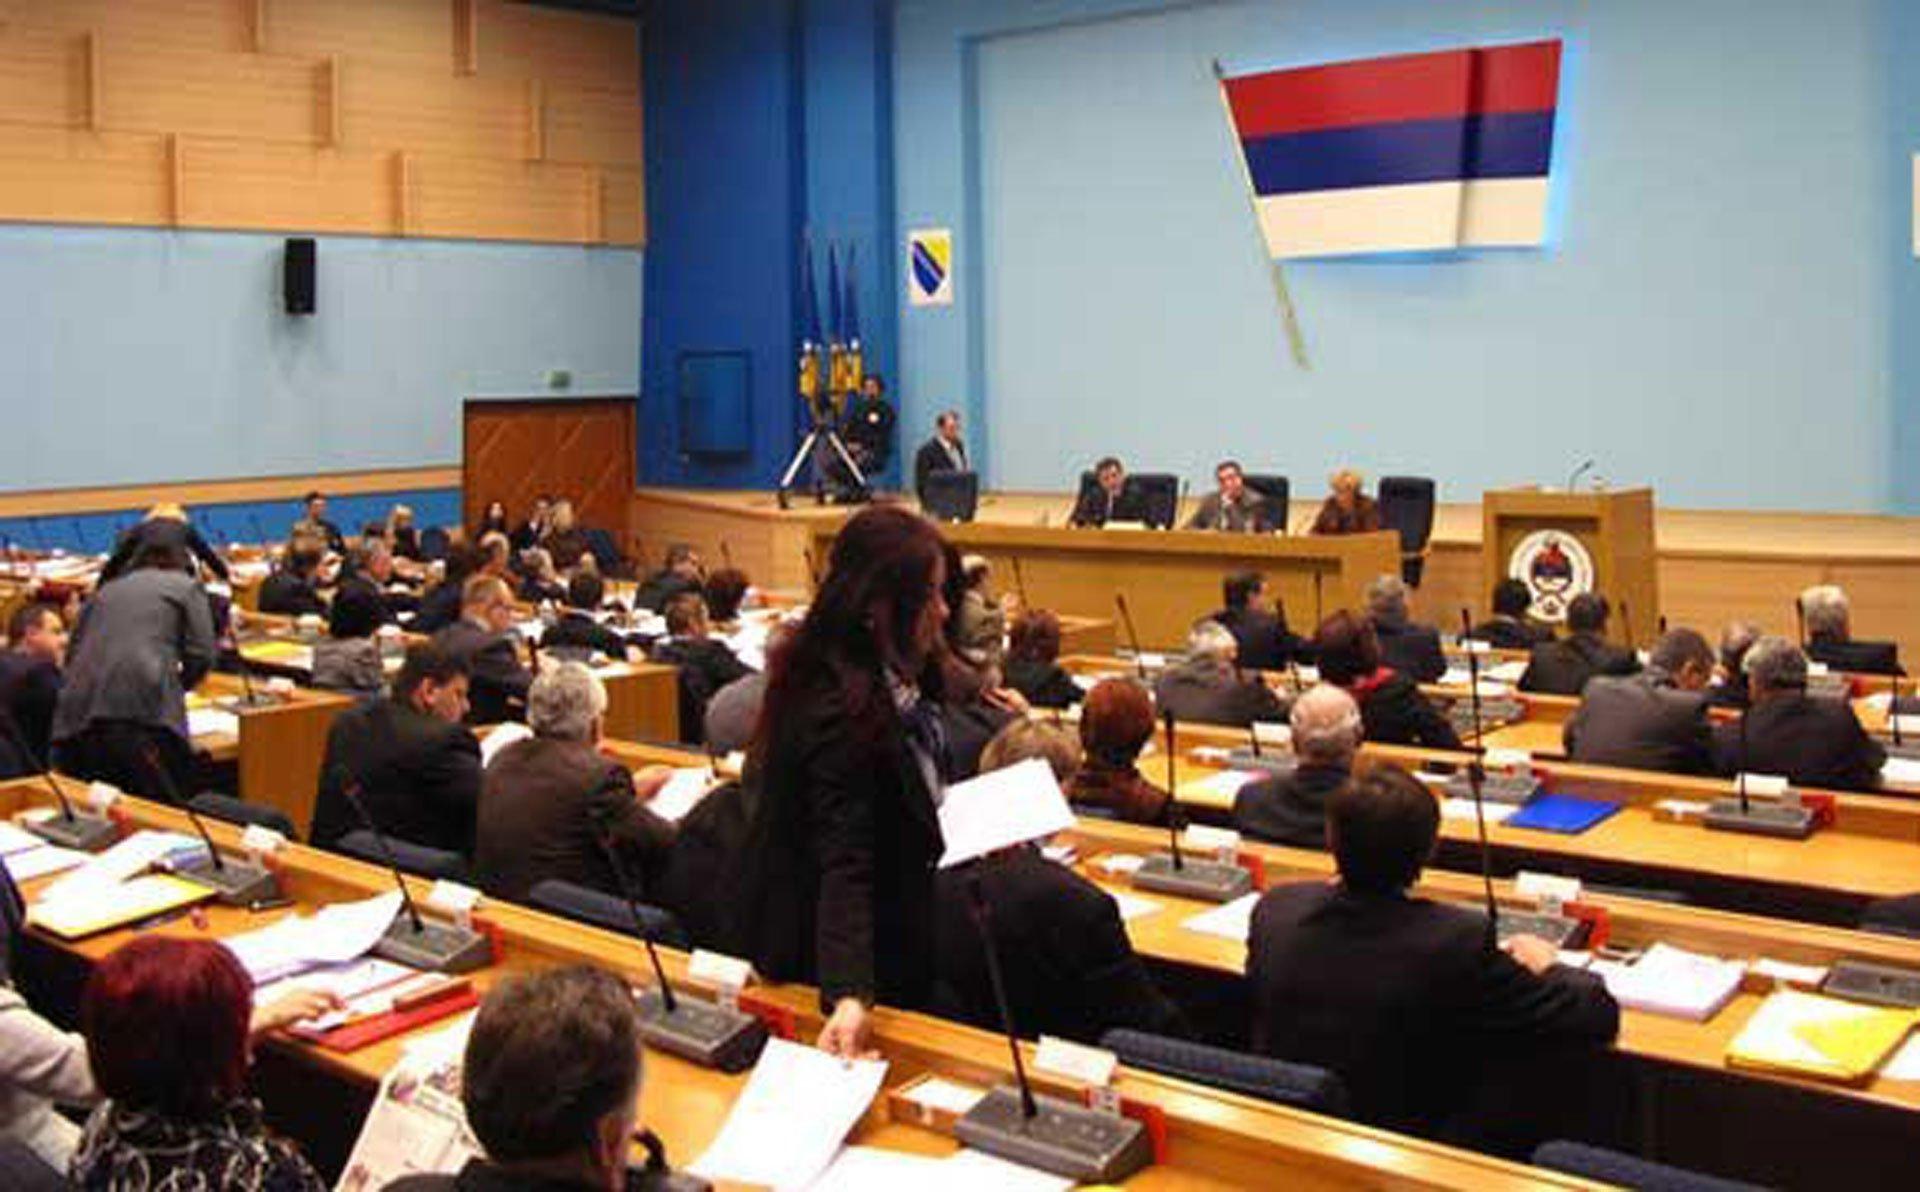 Novi Zakon o policiji i unutrašnjim poslovima u Republici Srpskoj u prvi plan stavlja militaristički-policijski aspekt